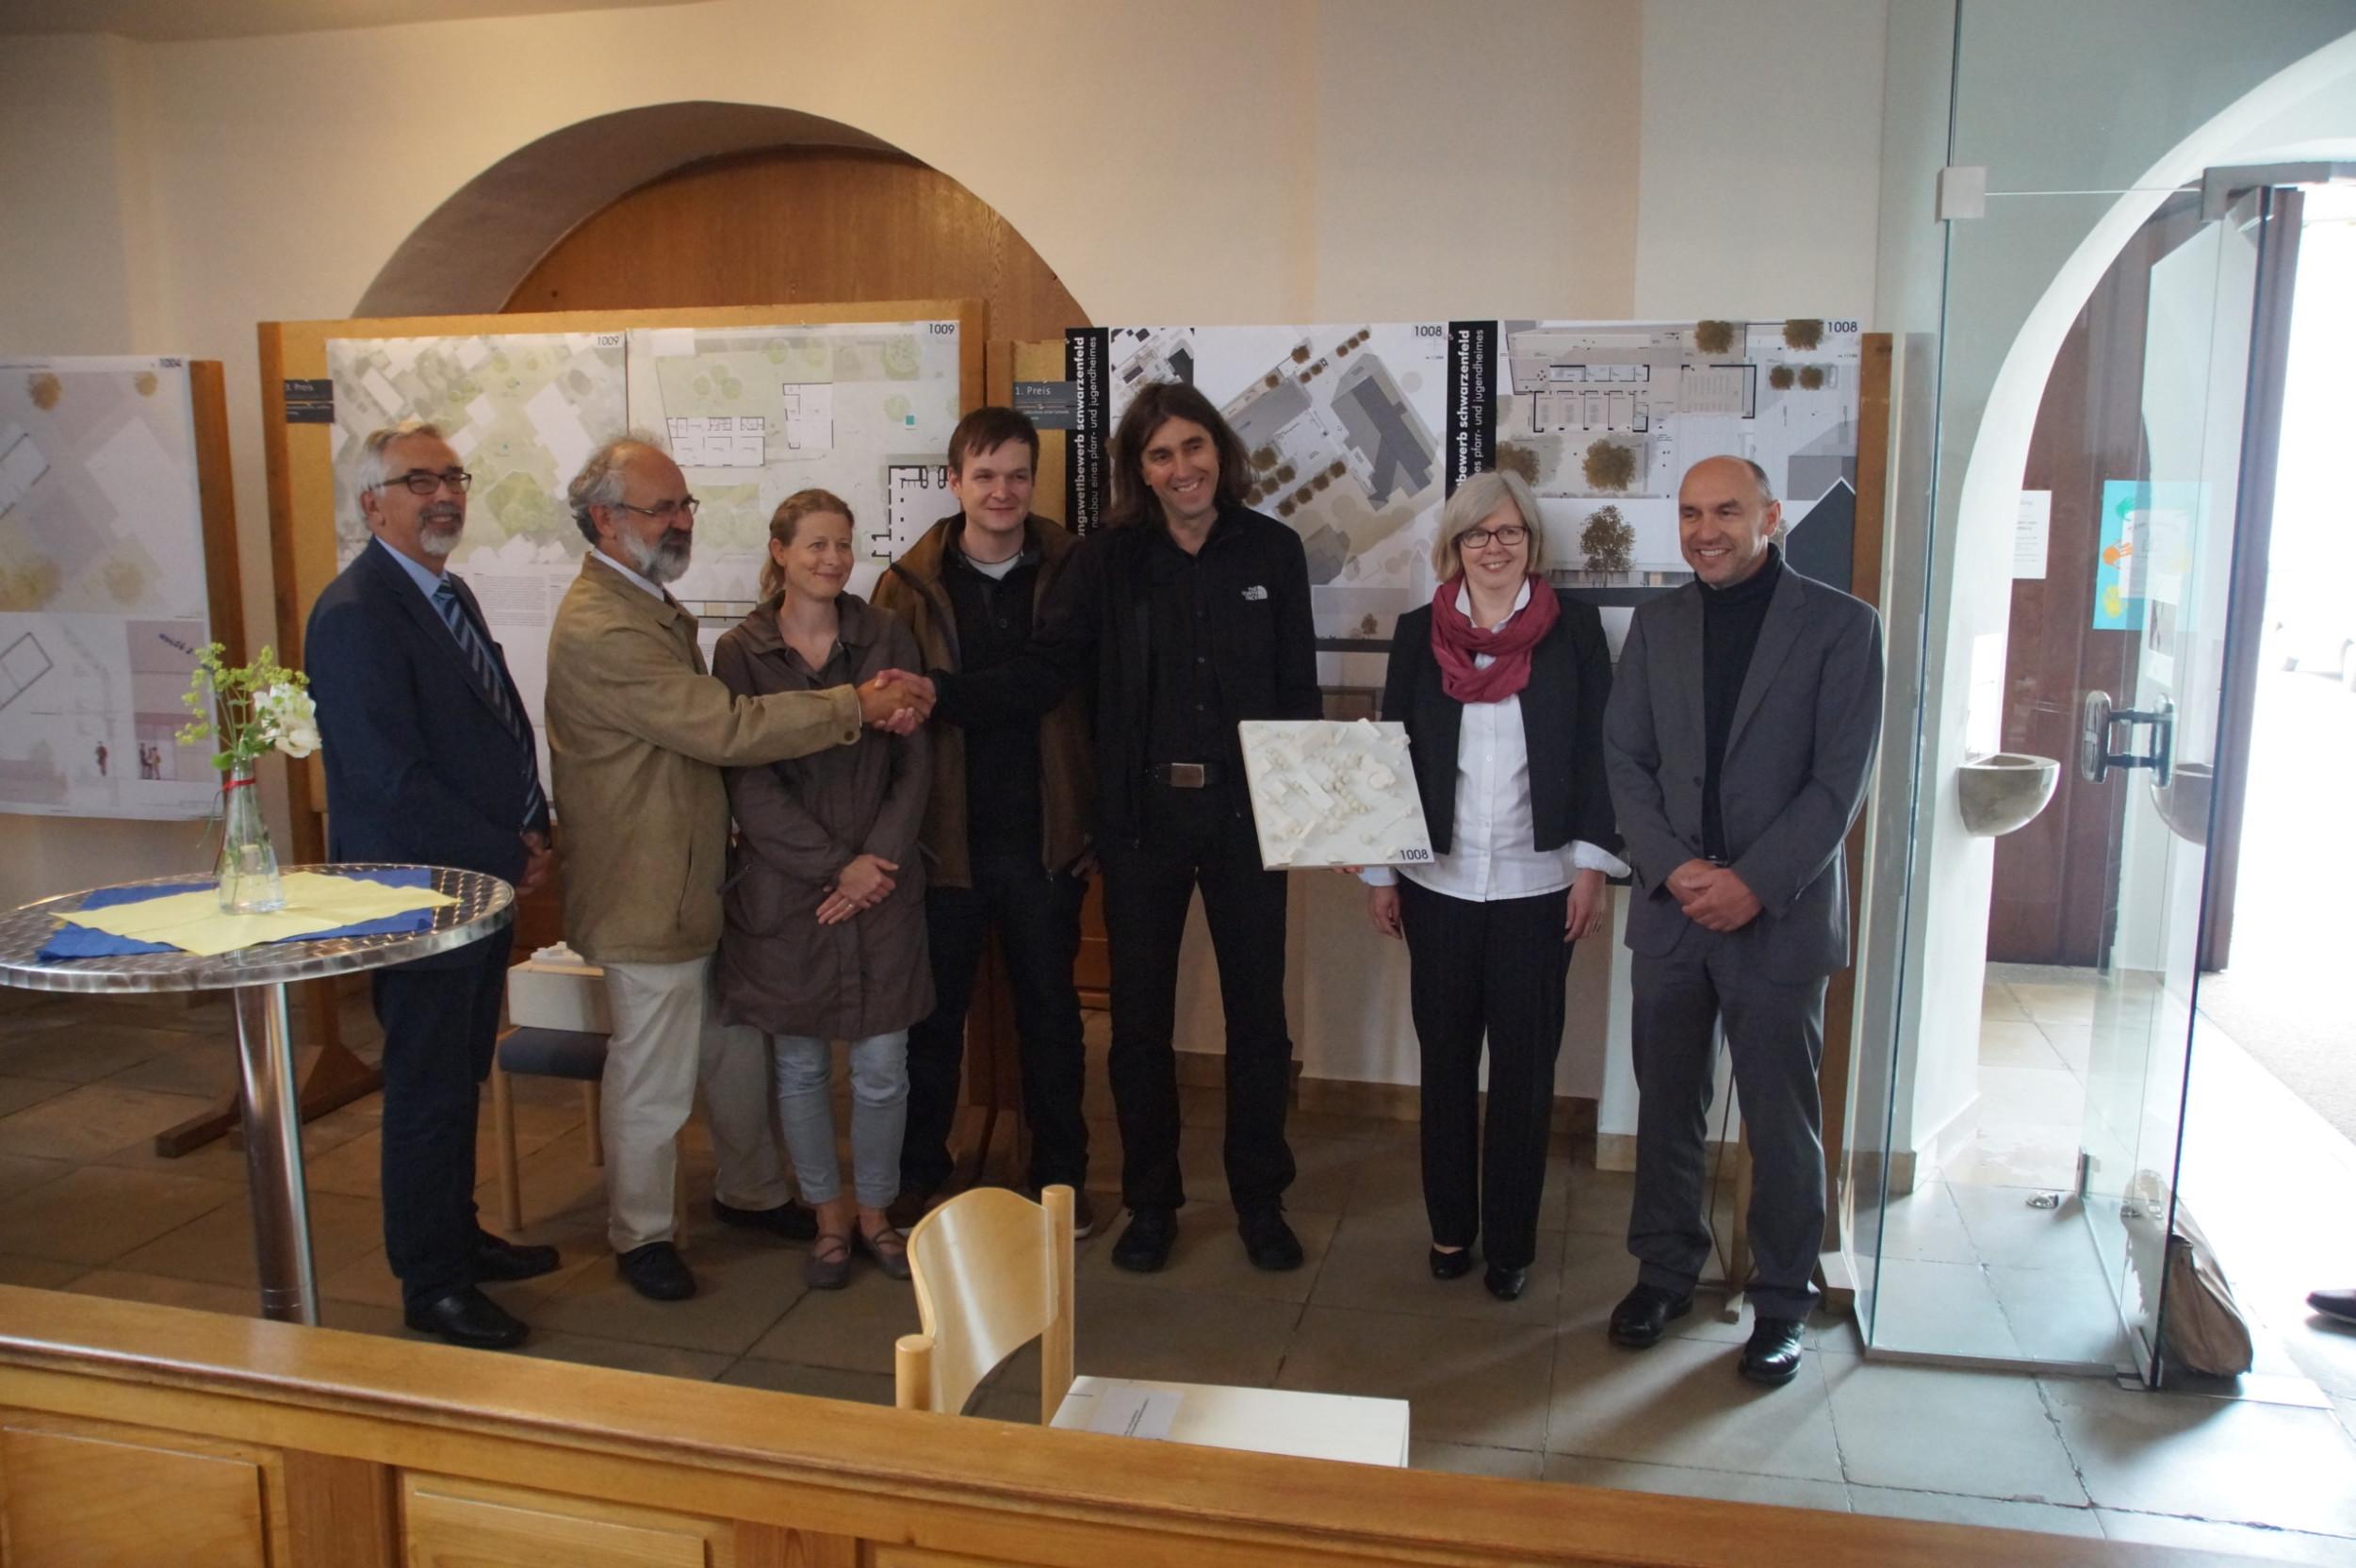 20160617-Pfarrheim Schwarzenfeld-1.Preis-Volker Schwab-Gratulation-DSC07874